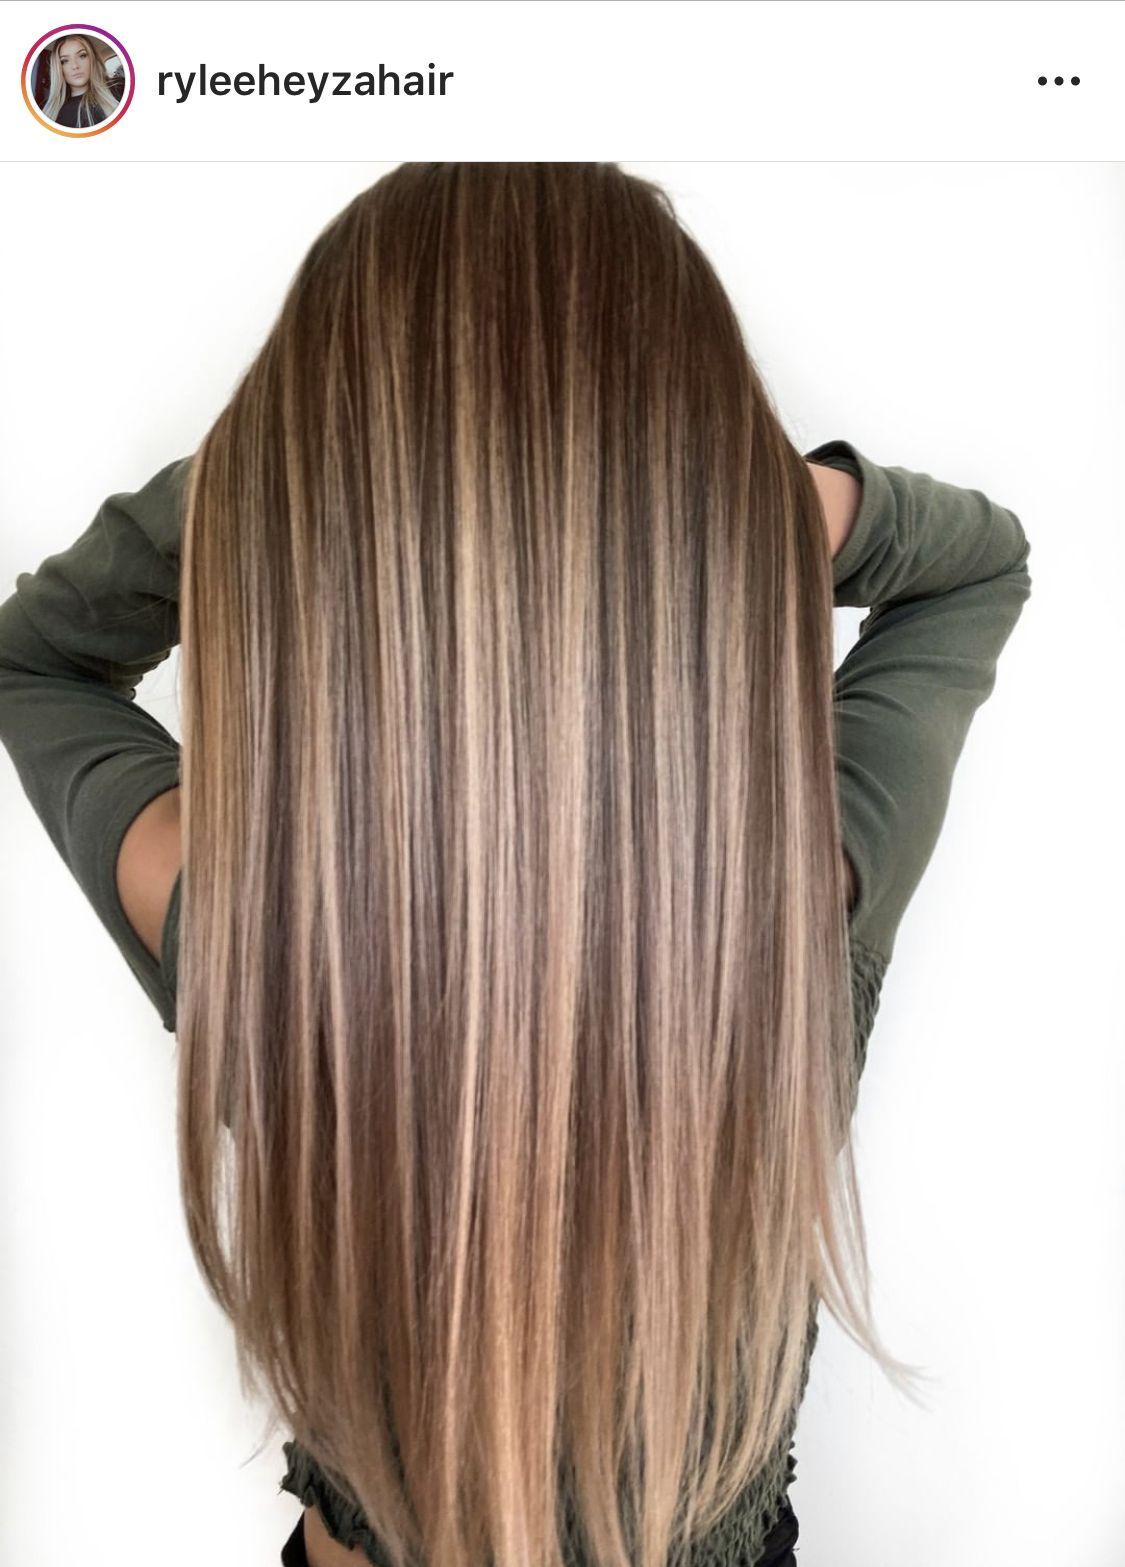 Pin Van Luke Op Hairspiration Kapsels Haarkleur Haar